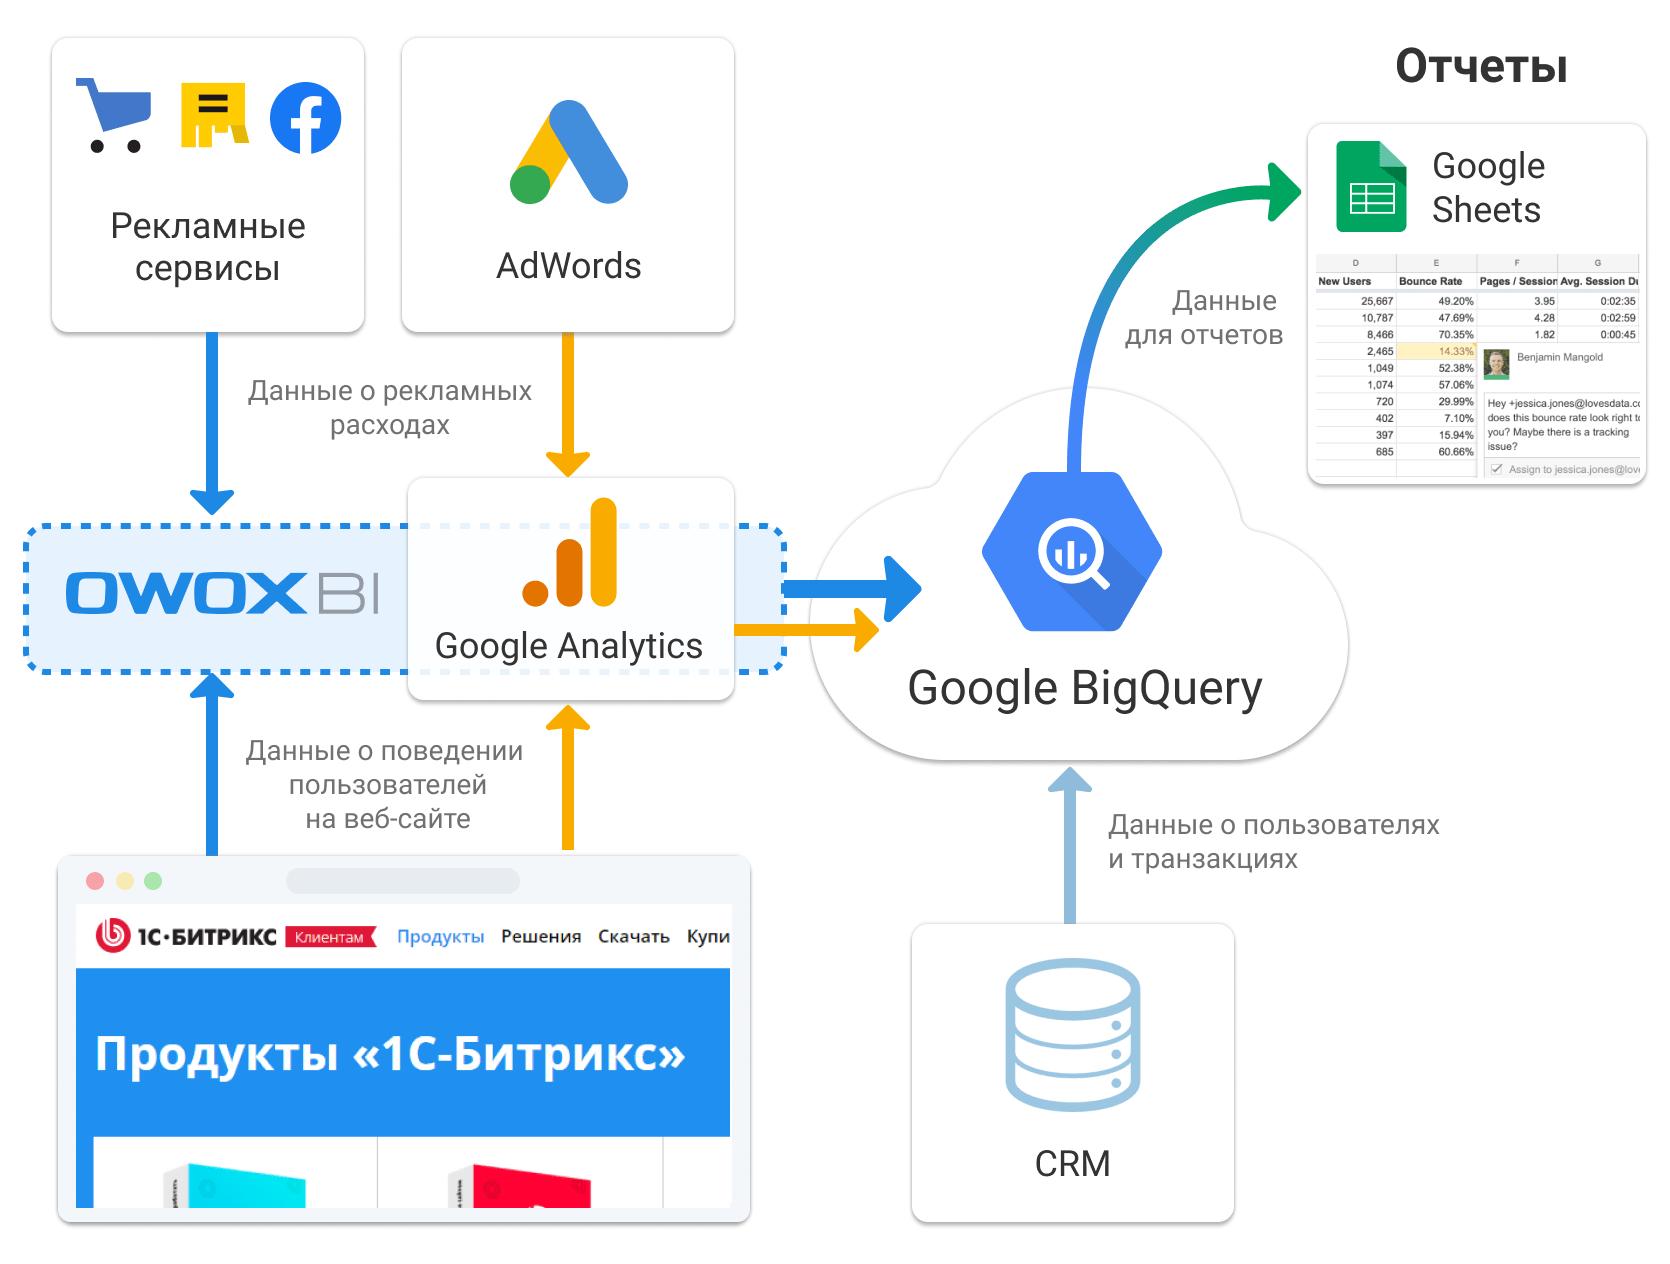 схема объединения данных с помощью OWOX BI